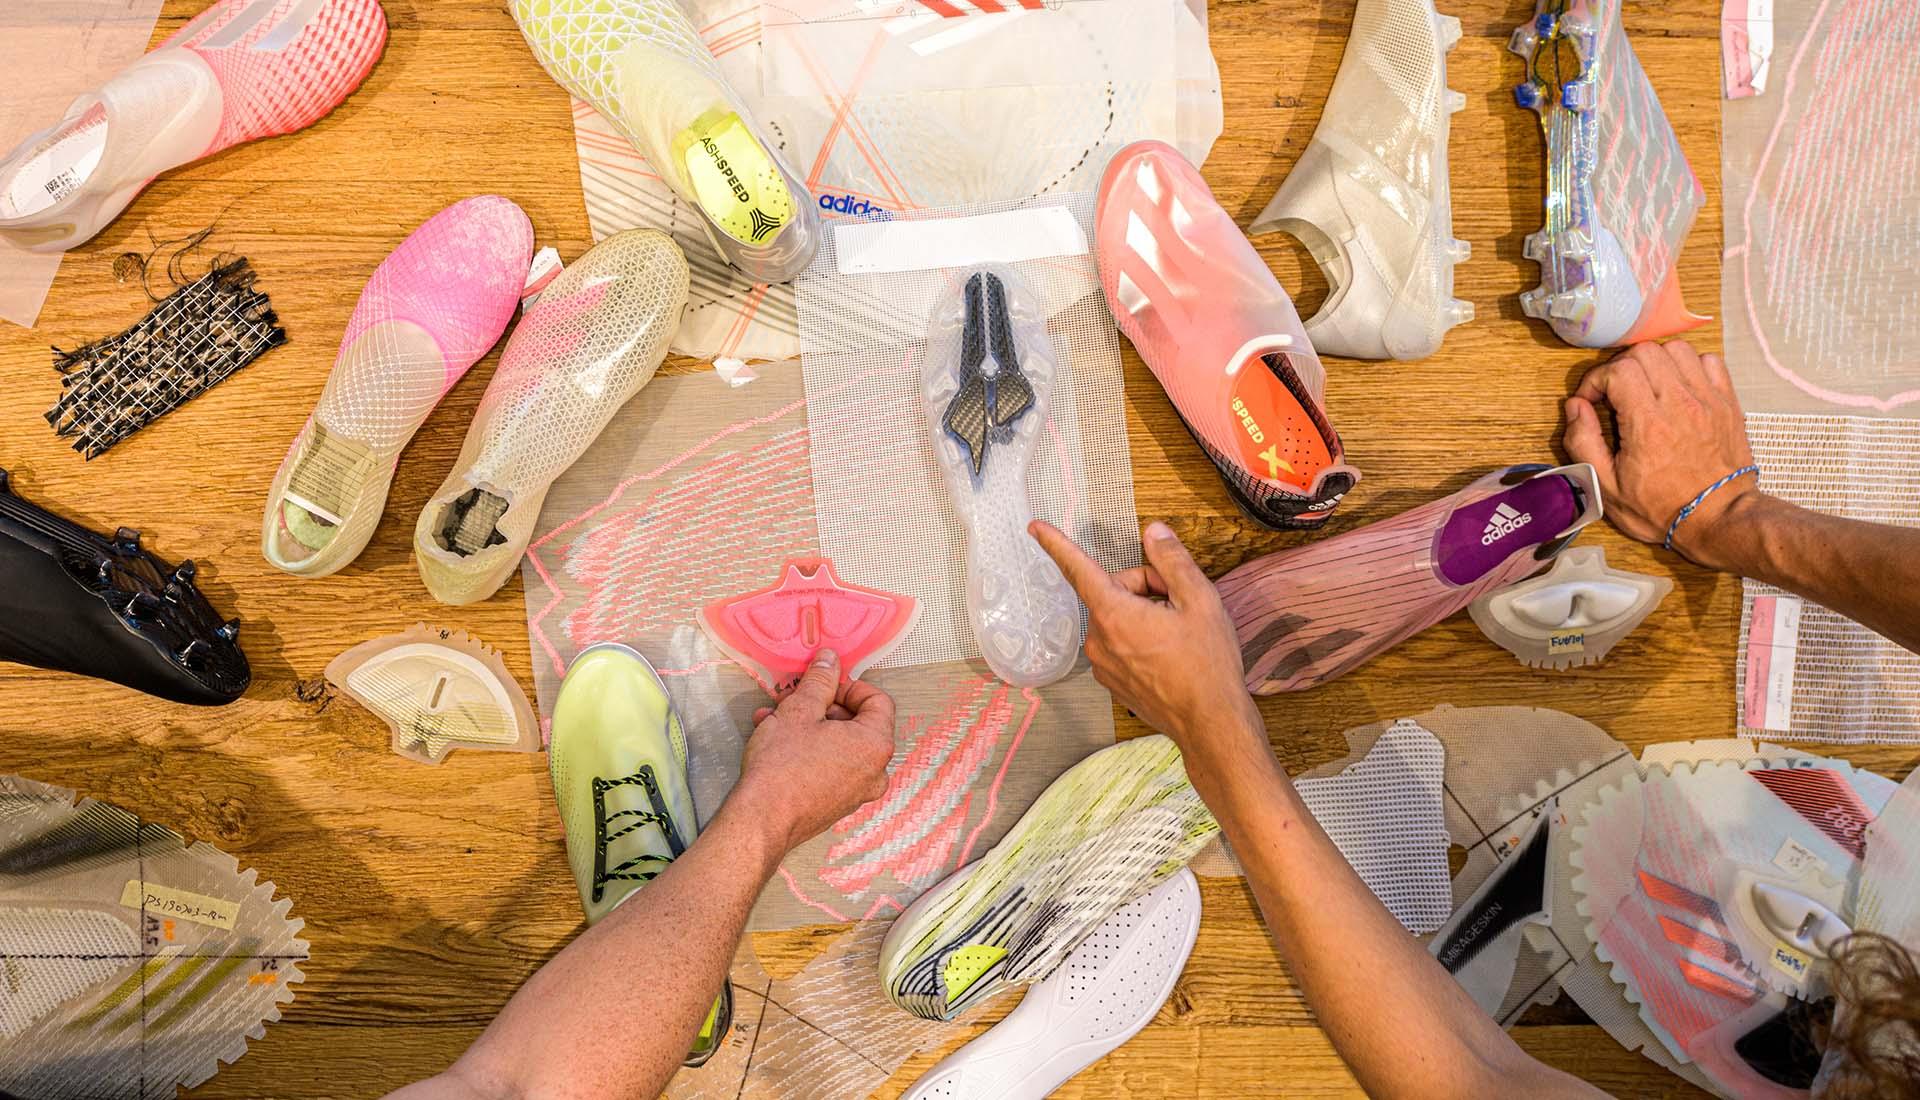 Để trở thành một siêu phẩm thì quá trình thiết kế Adidas X Ghosted đặt ra nhiều thử thách cho team thiết kế Adidas